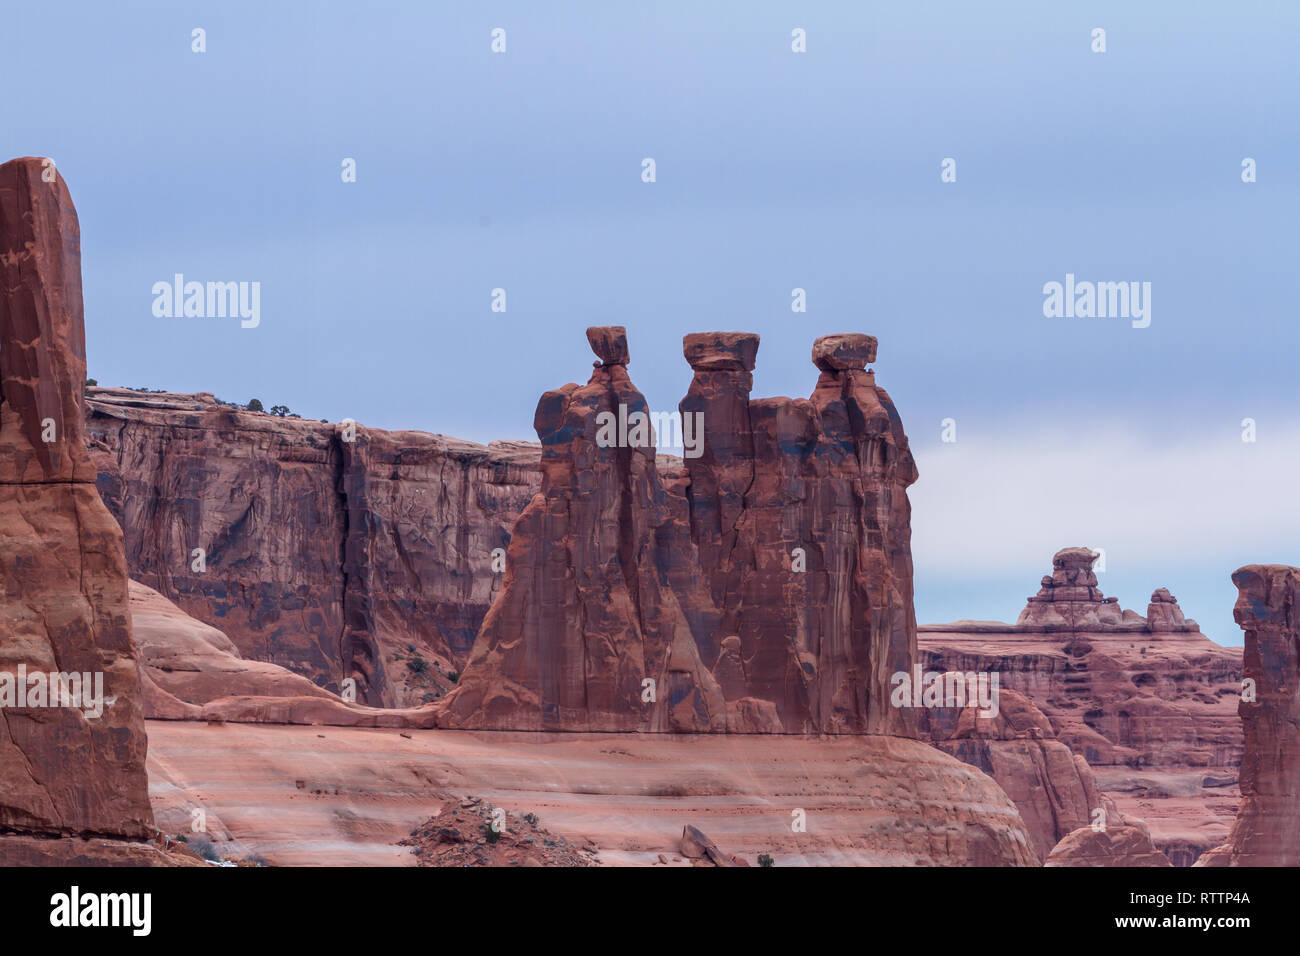 Giant Red Rock verfügen als die Drei Klatschbasen im Arches National Park, Foto takin an einem bewölkten Nachmittag bekannt Stockfoto